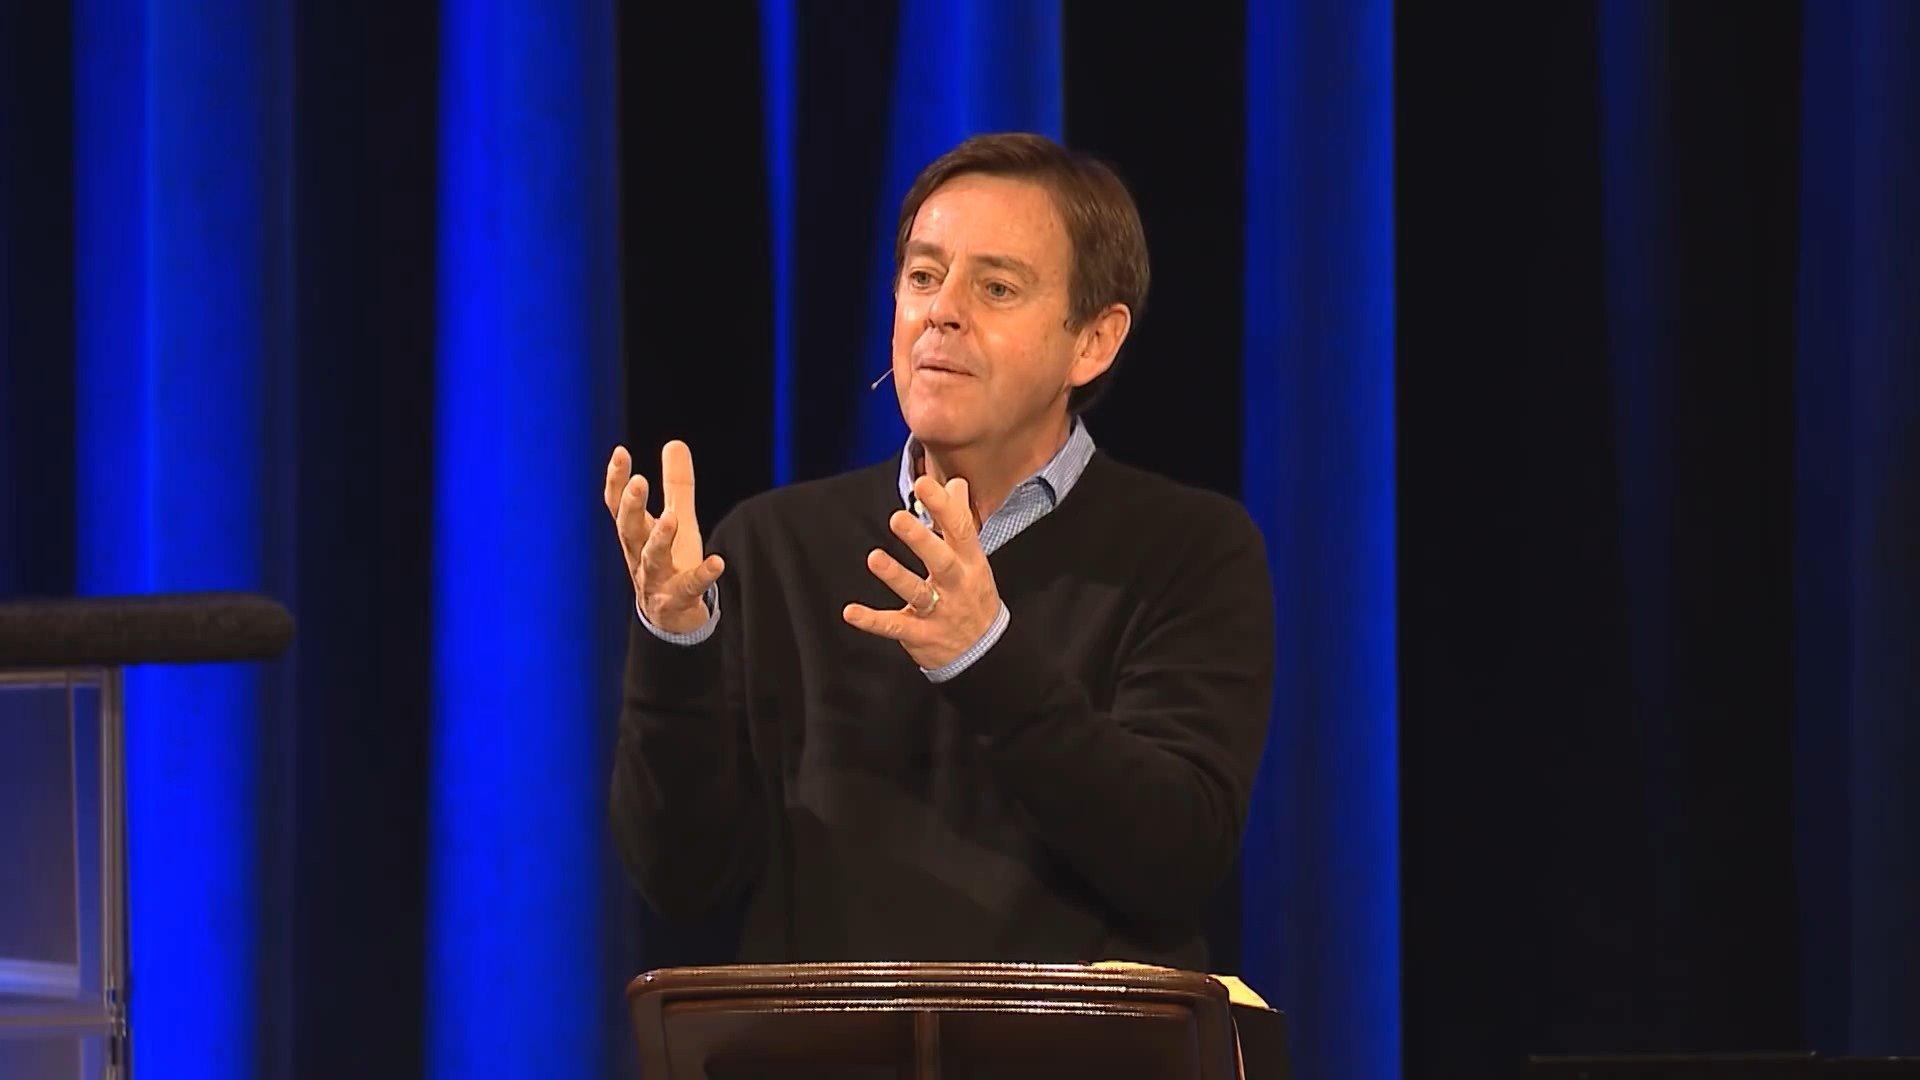 Preaching & Teaching